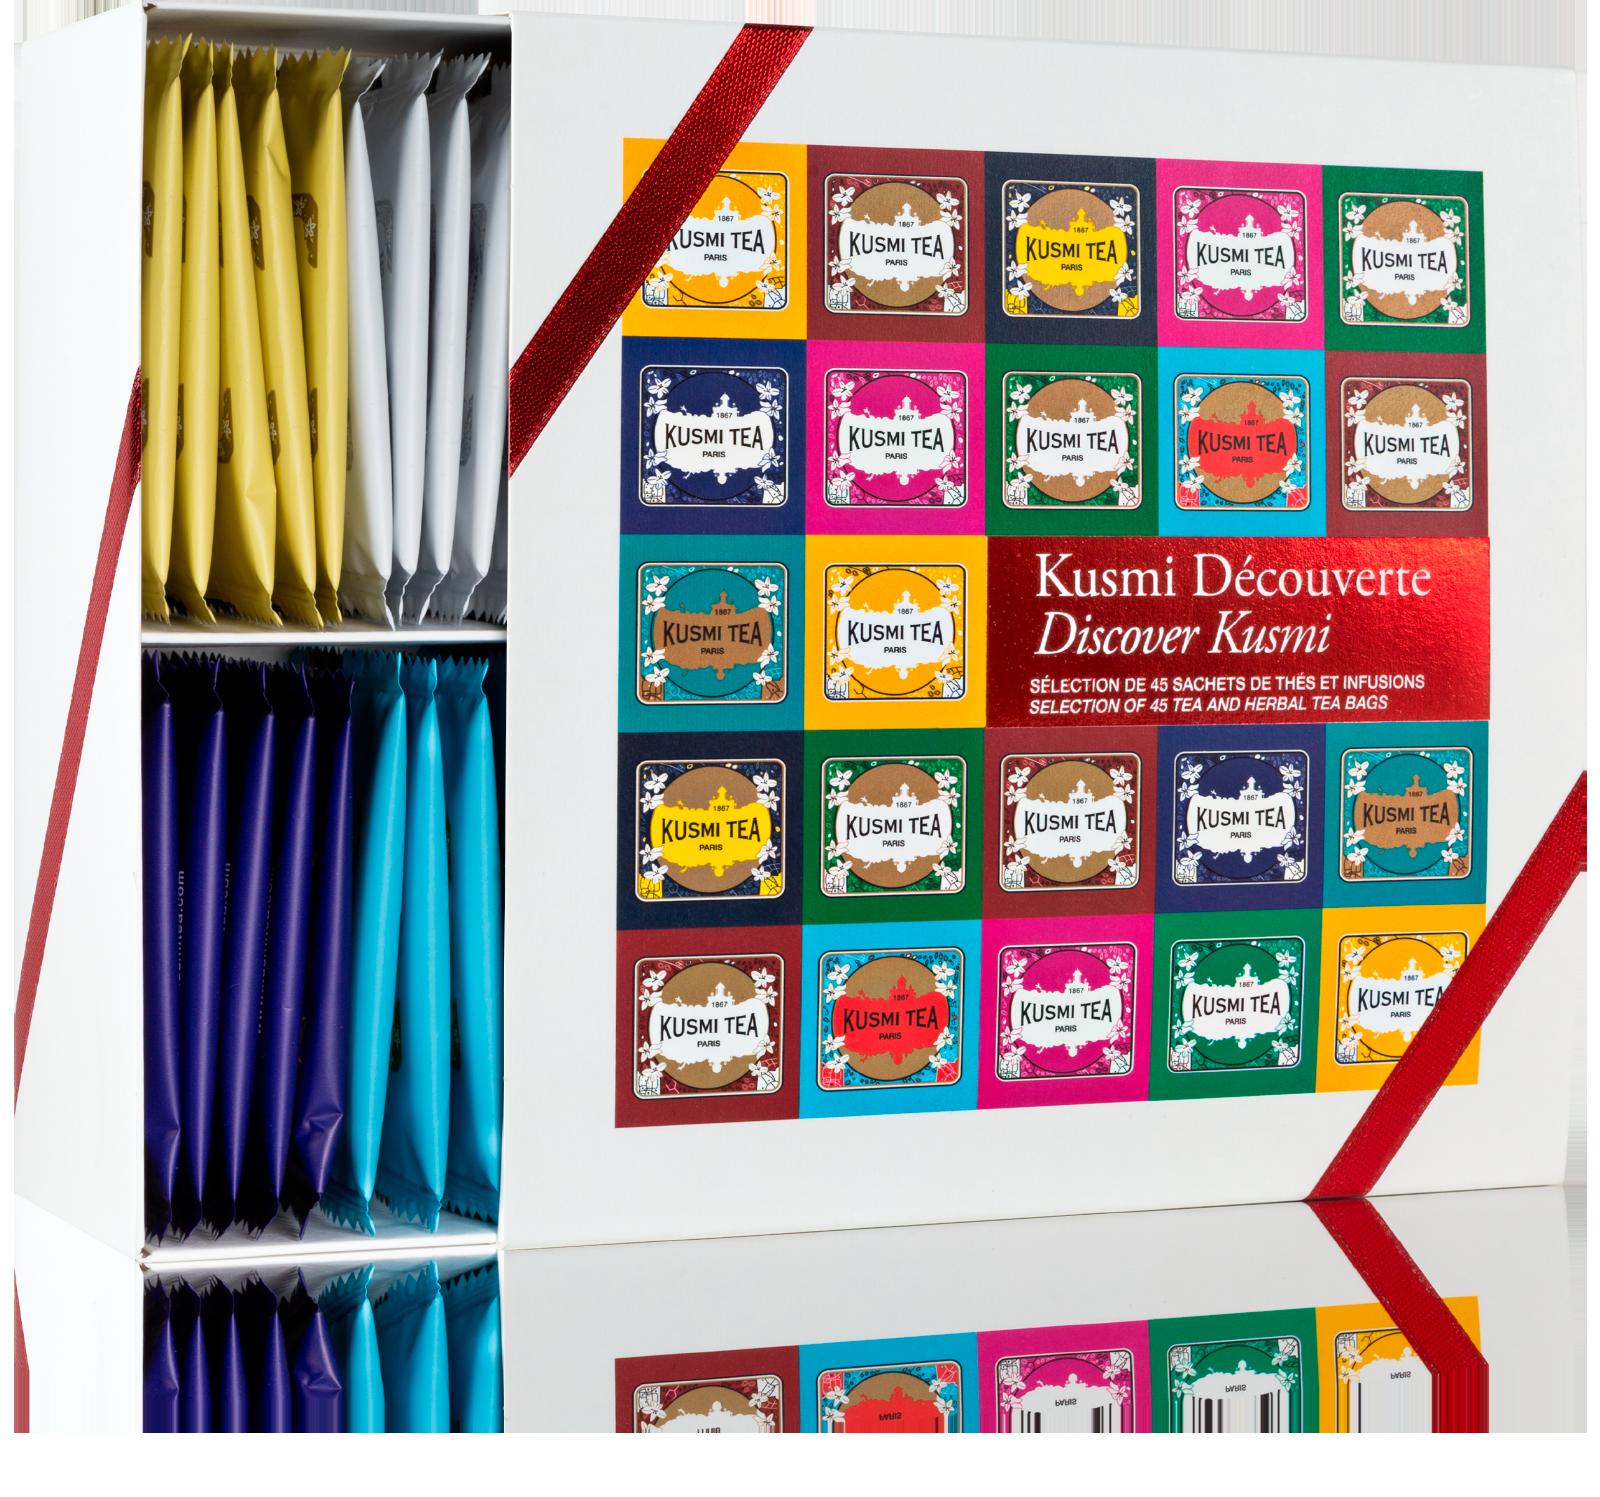 Coffret Découverte, 45 sachets de thés et infusions - KUSMI TEA